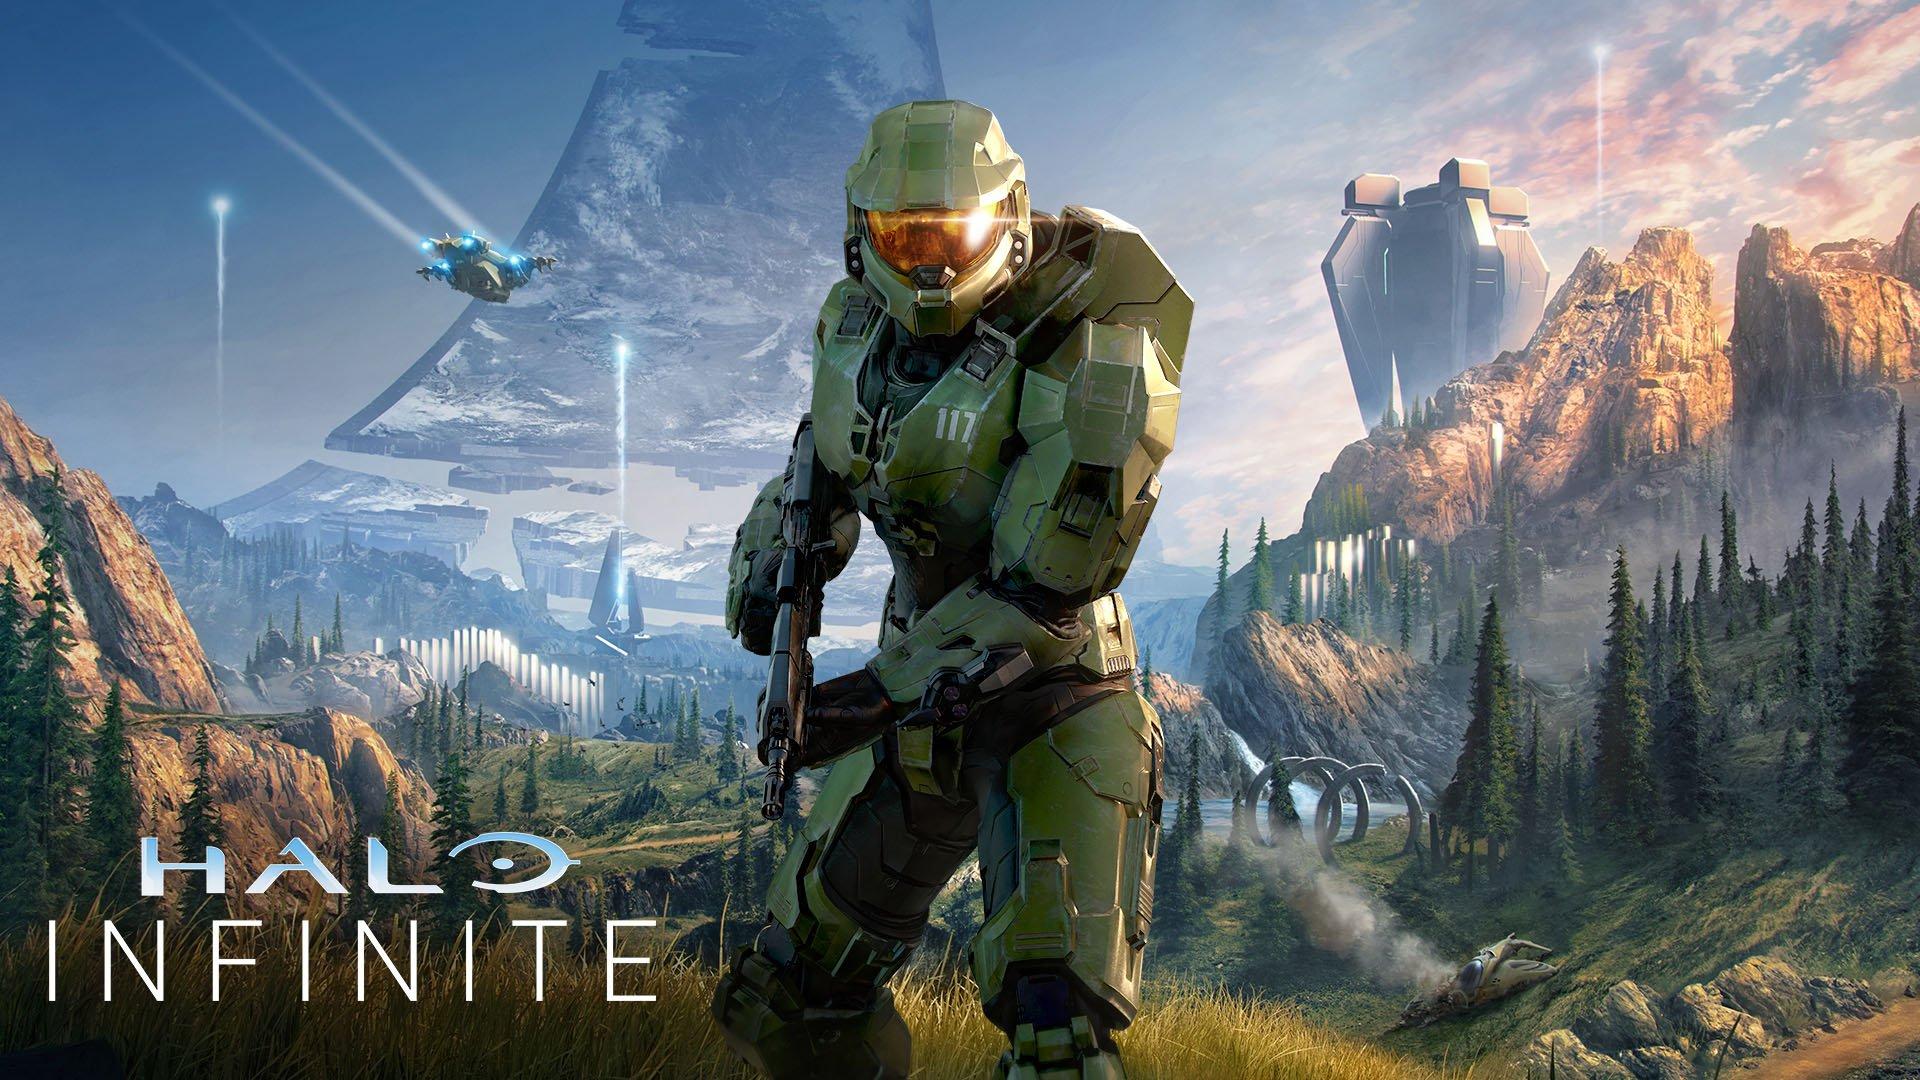 Halo Infinite ปล่อยวิดีโอตัวอย่างใหม่เผยรายละเอียดโหมดแคมเปญเนื้อเรื่อง พร้อมกำหนดวางขายวันที่ 8 ธ.ค. นี้